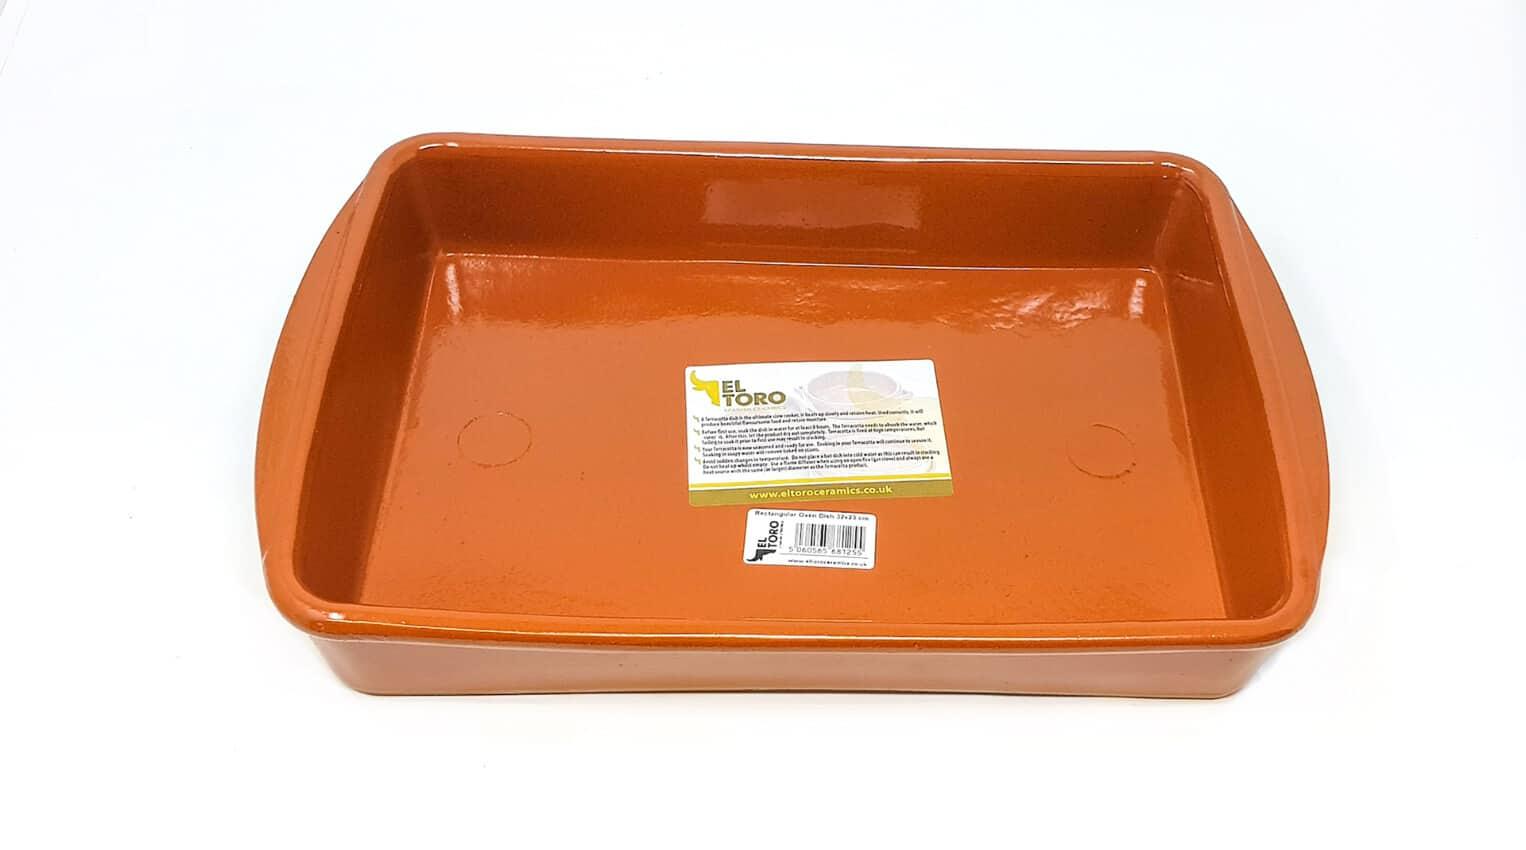 Verano-Spanish-Ceramics-El-Toro-Rectangular-Oven-Dishes-Set-of-3-9